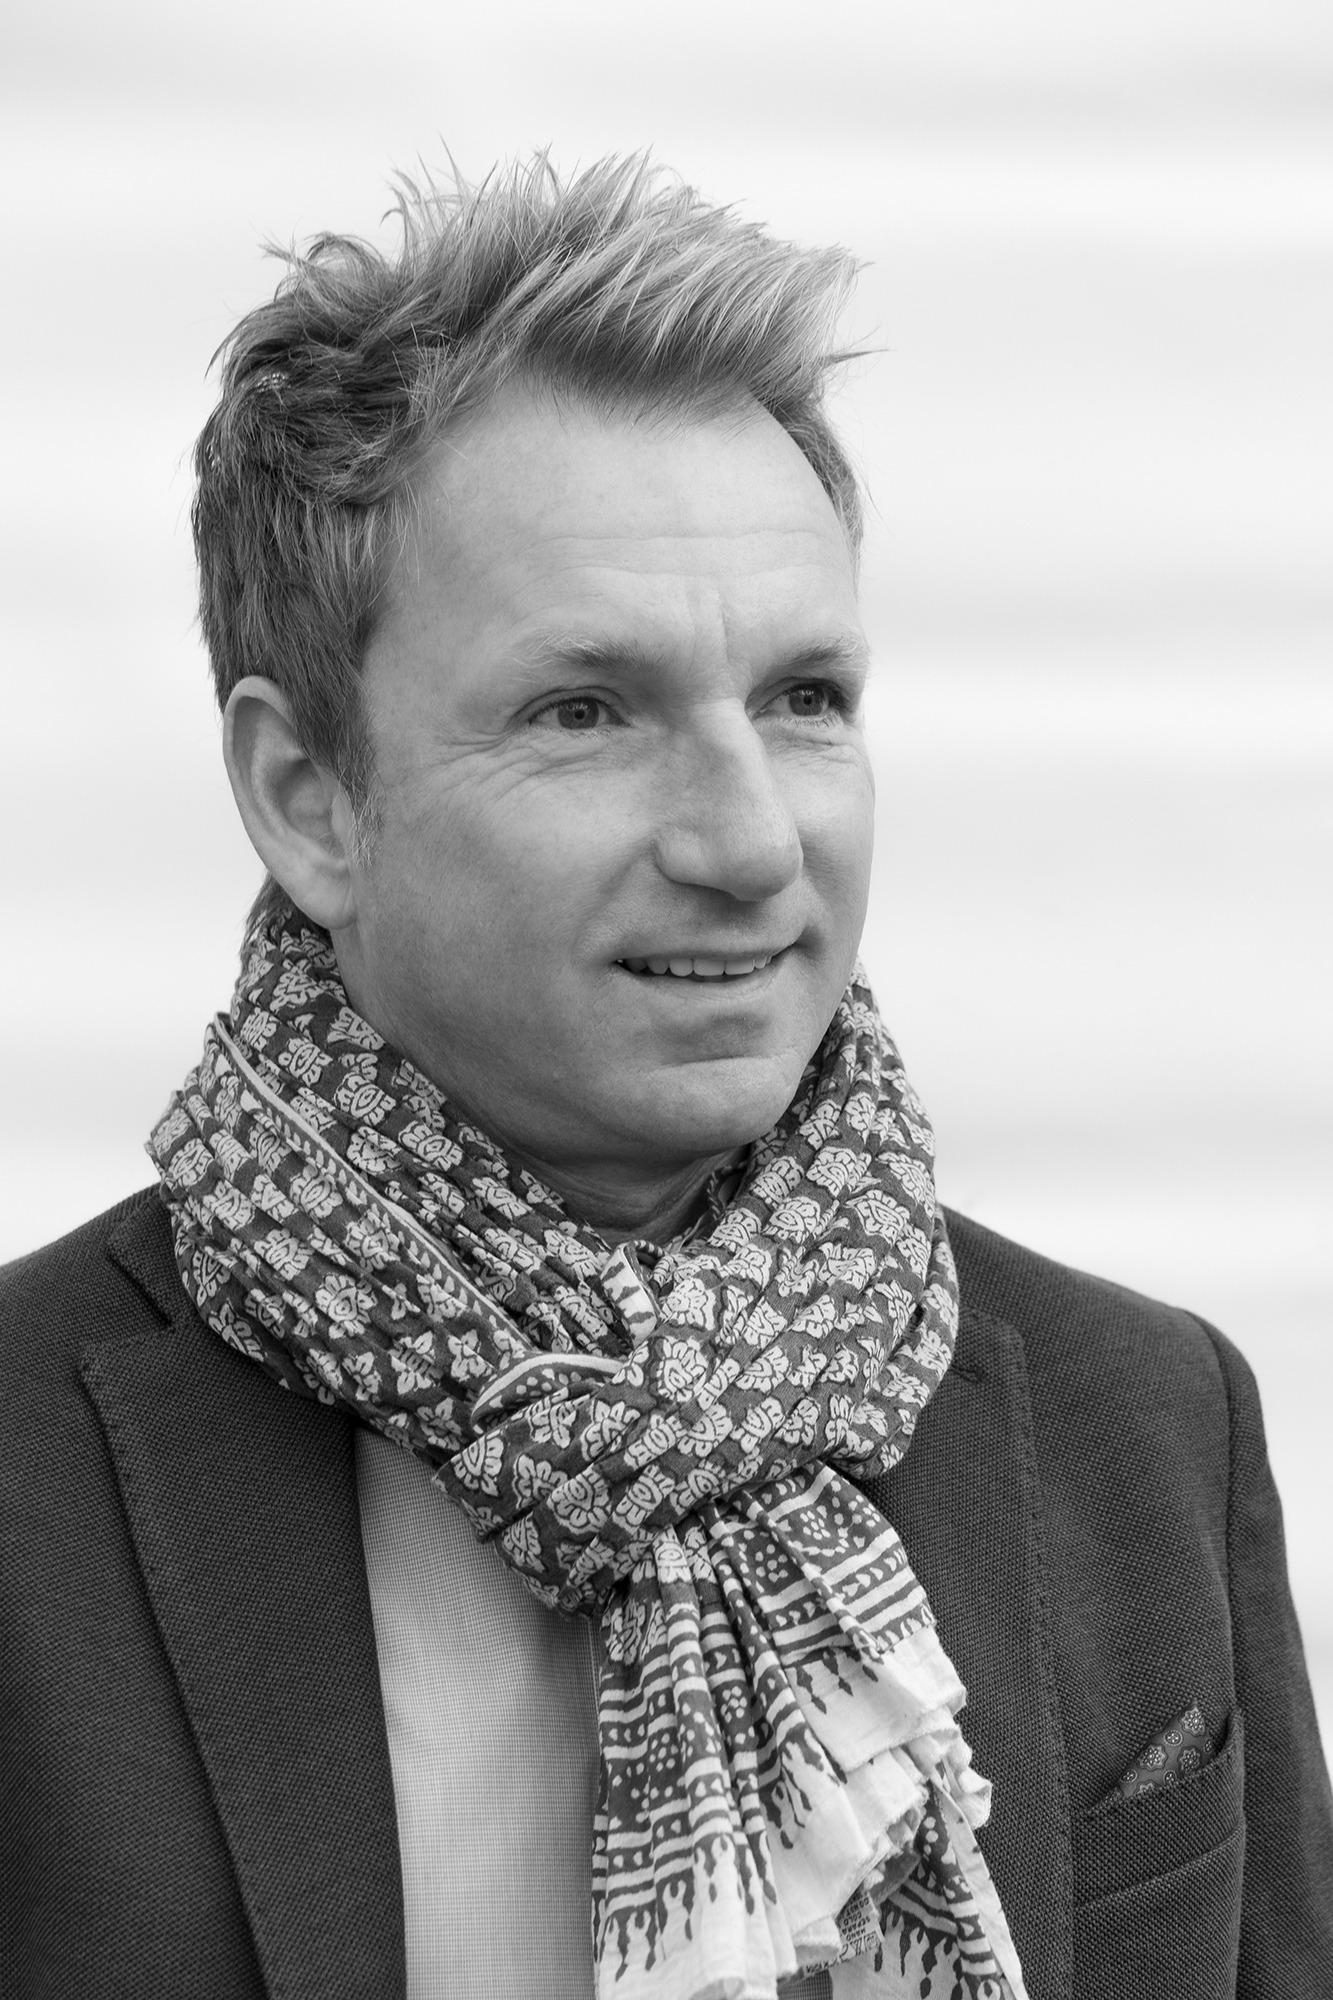 Christian Reiterer